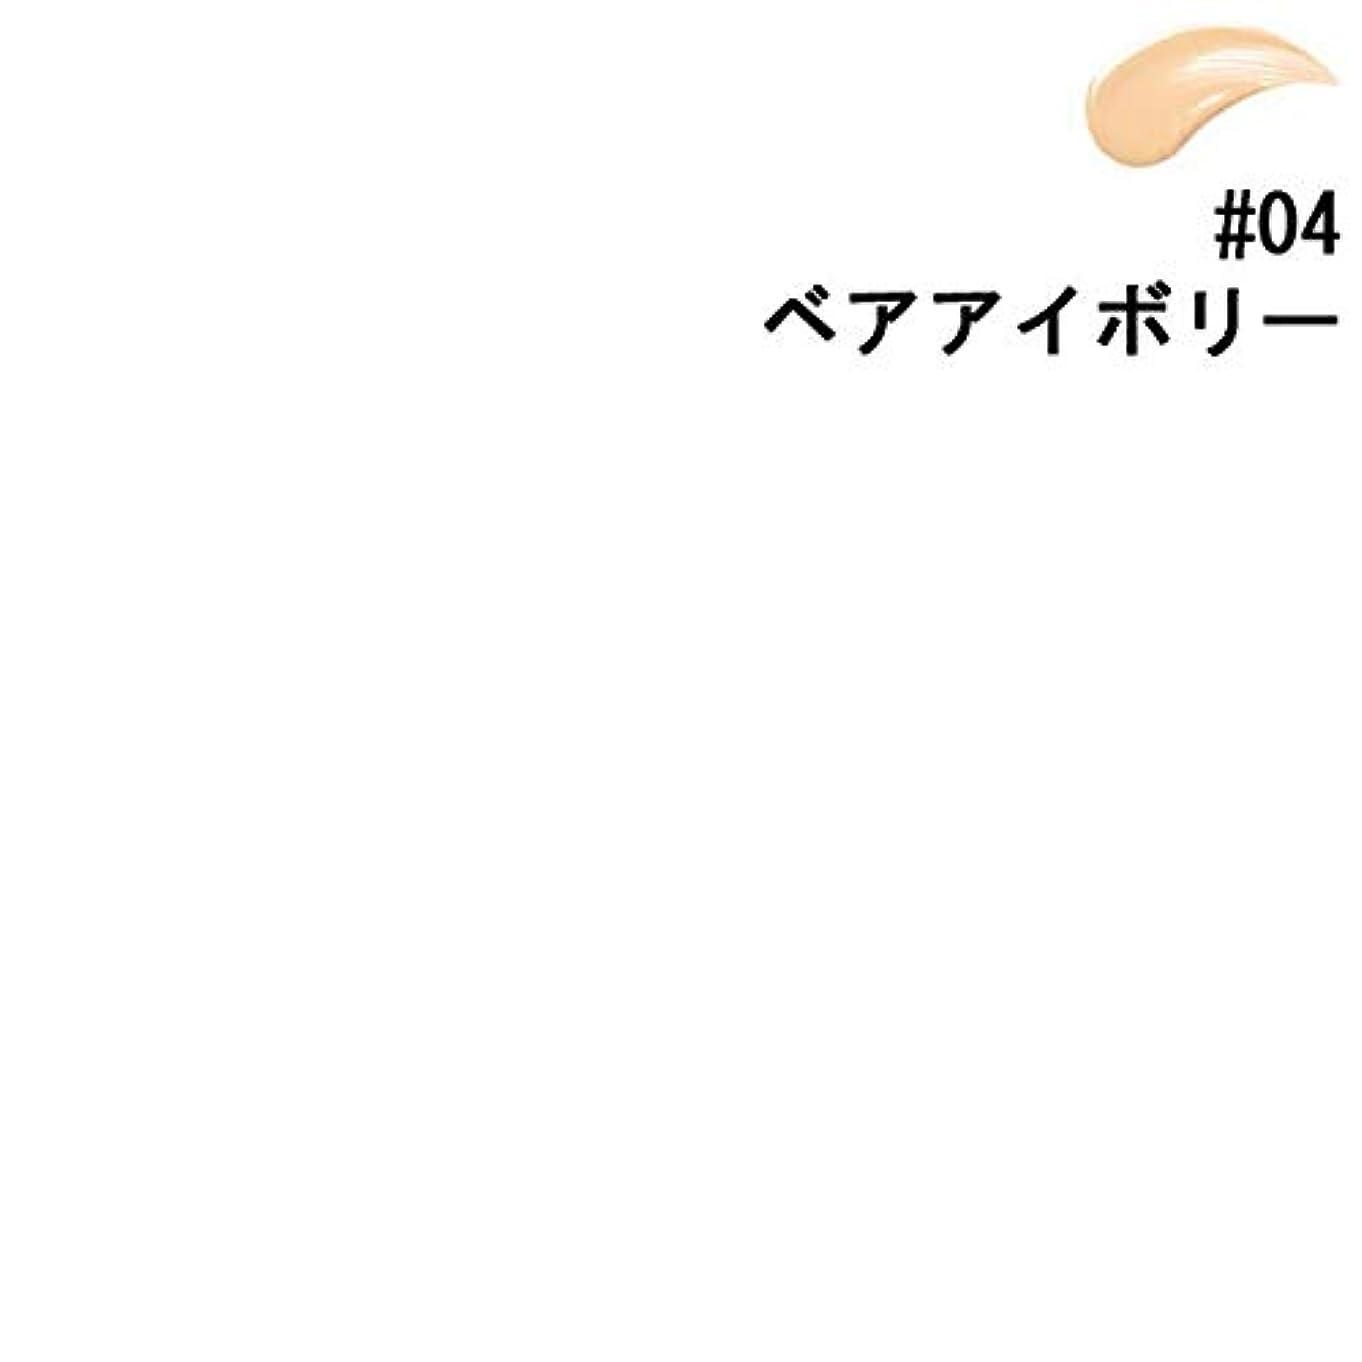 欠かせない画面電極【ベアミネラル】ベアミネラル ベア ファンデーション #04 ベアアイボリー 30ml [並行輸入品]